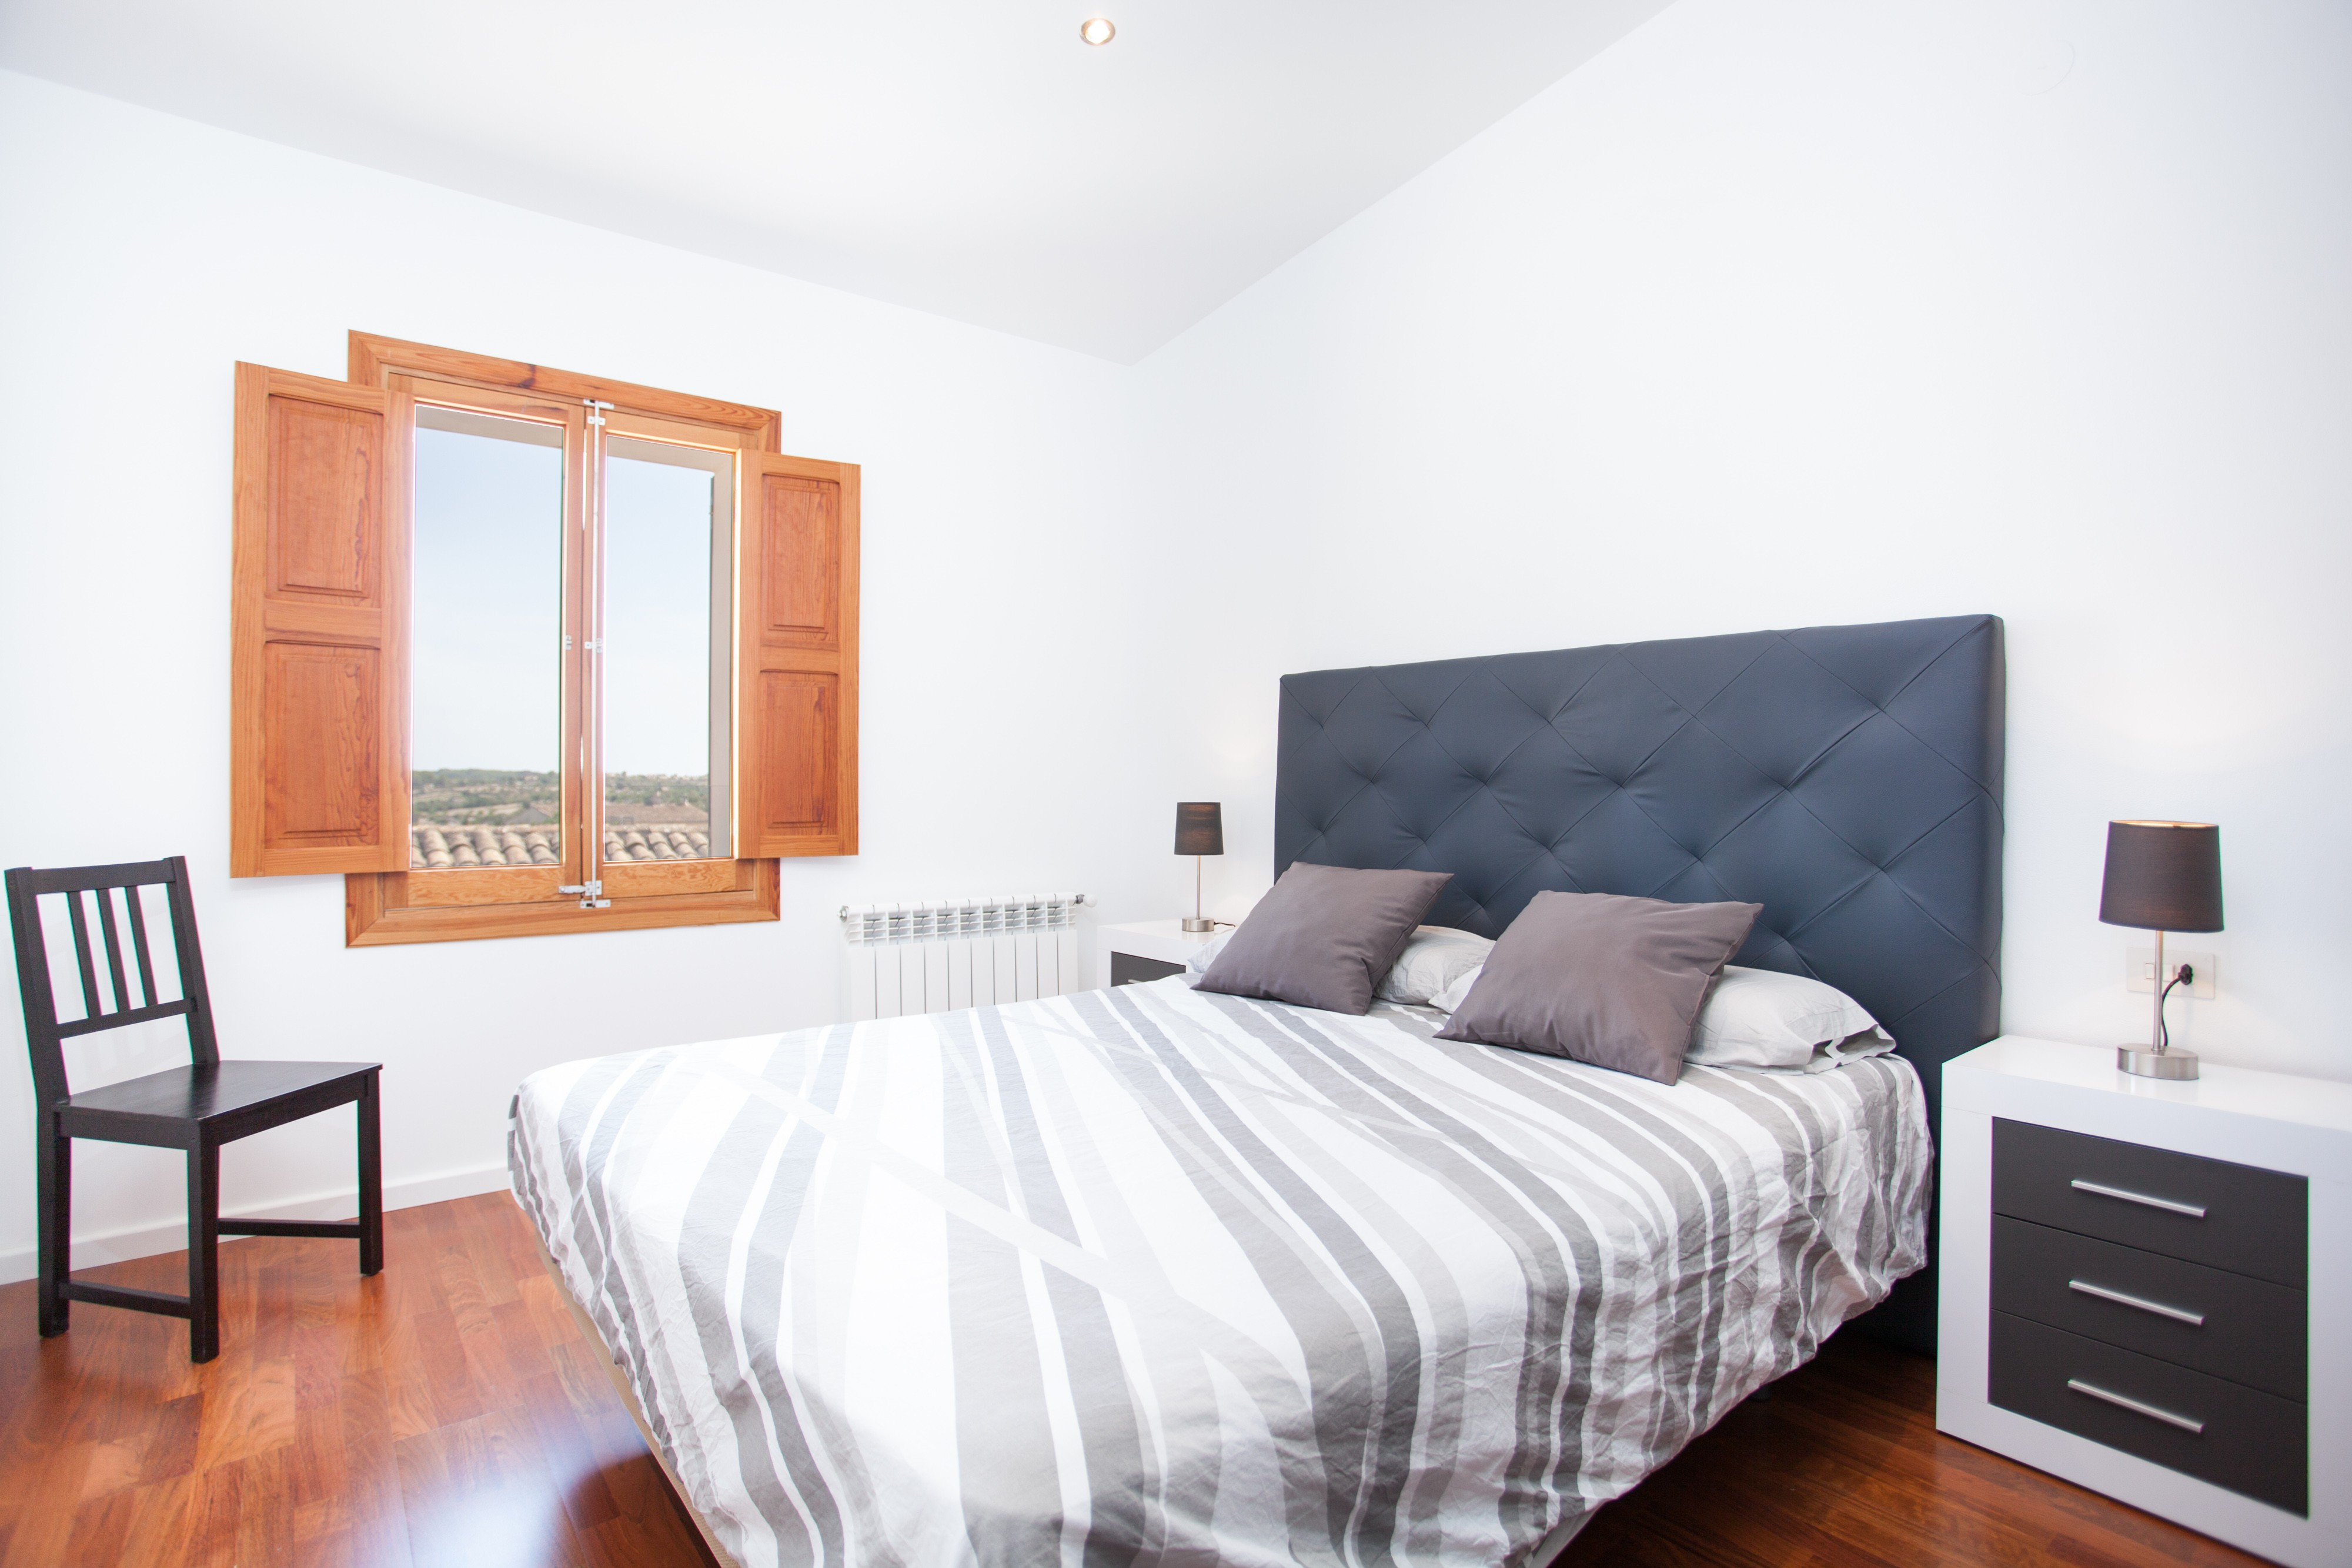 Maison de vacances CAN DOMINGO (2246405), Lloret de Vistalegre, Majorque, Iles Baléares, Espagne, image 14